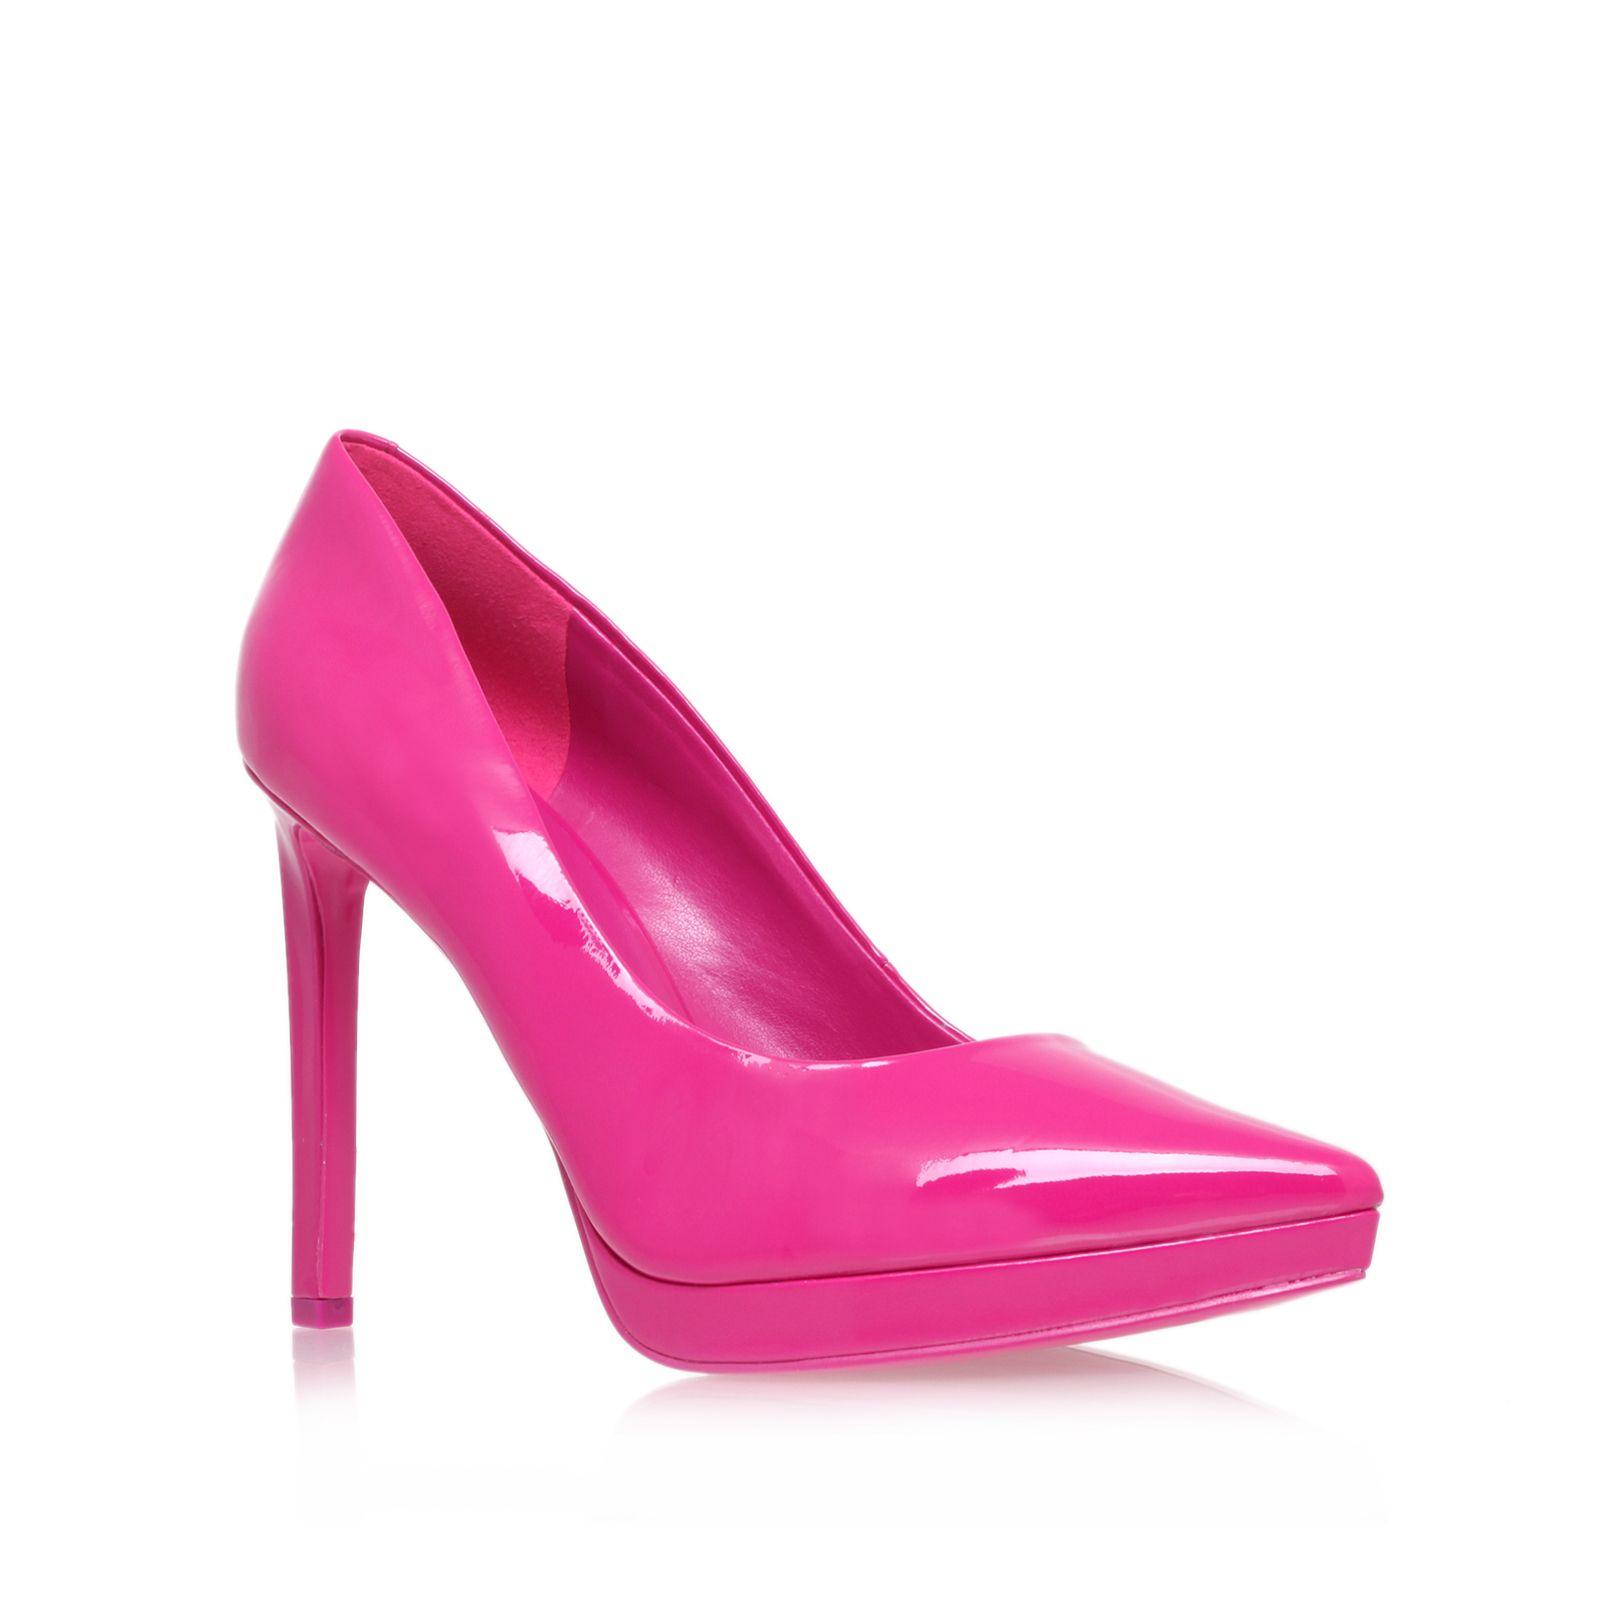 nine west violet3 high heel court shoes in pink lyst. Black Bedroom Furniture Sets. Home Design Ideas